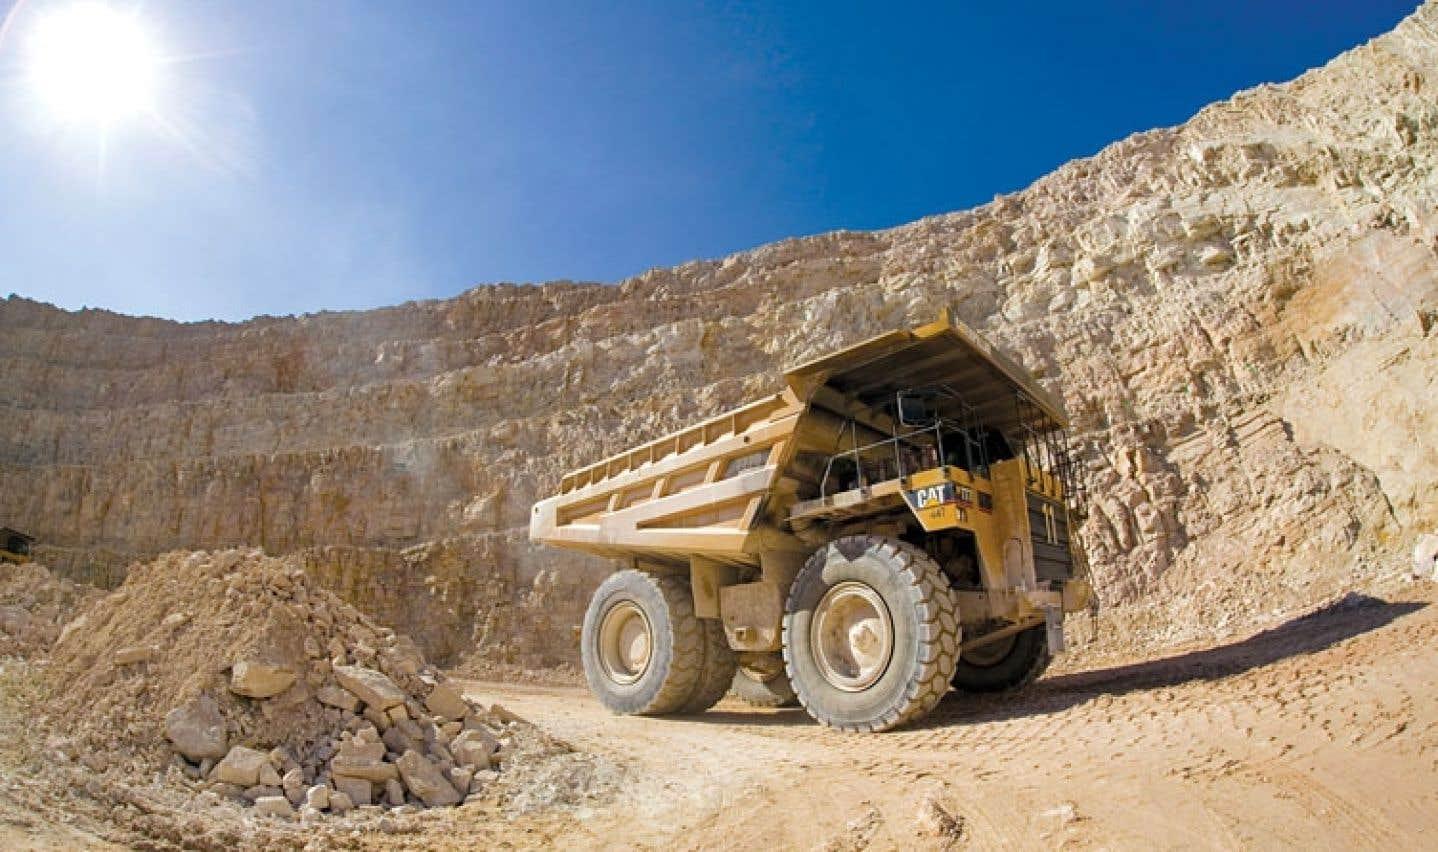 Redevances - Les libéraux pressent le PQ d'adopter une nouvelle loi sur les mines